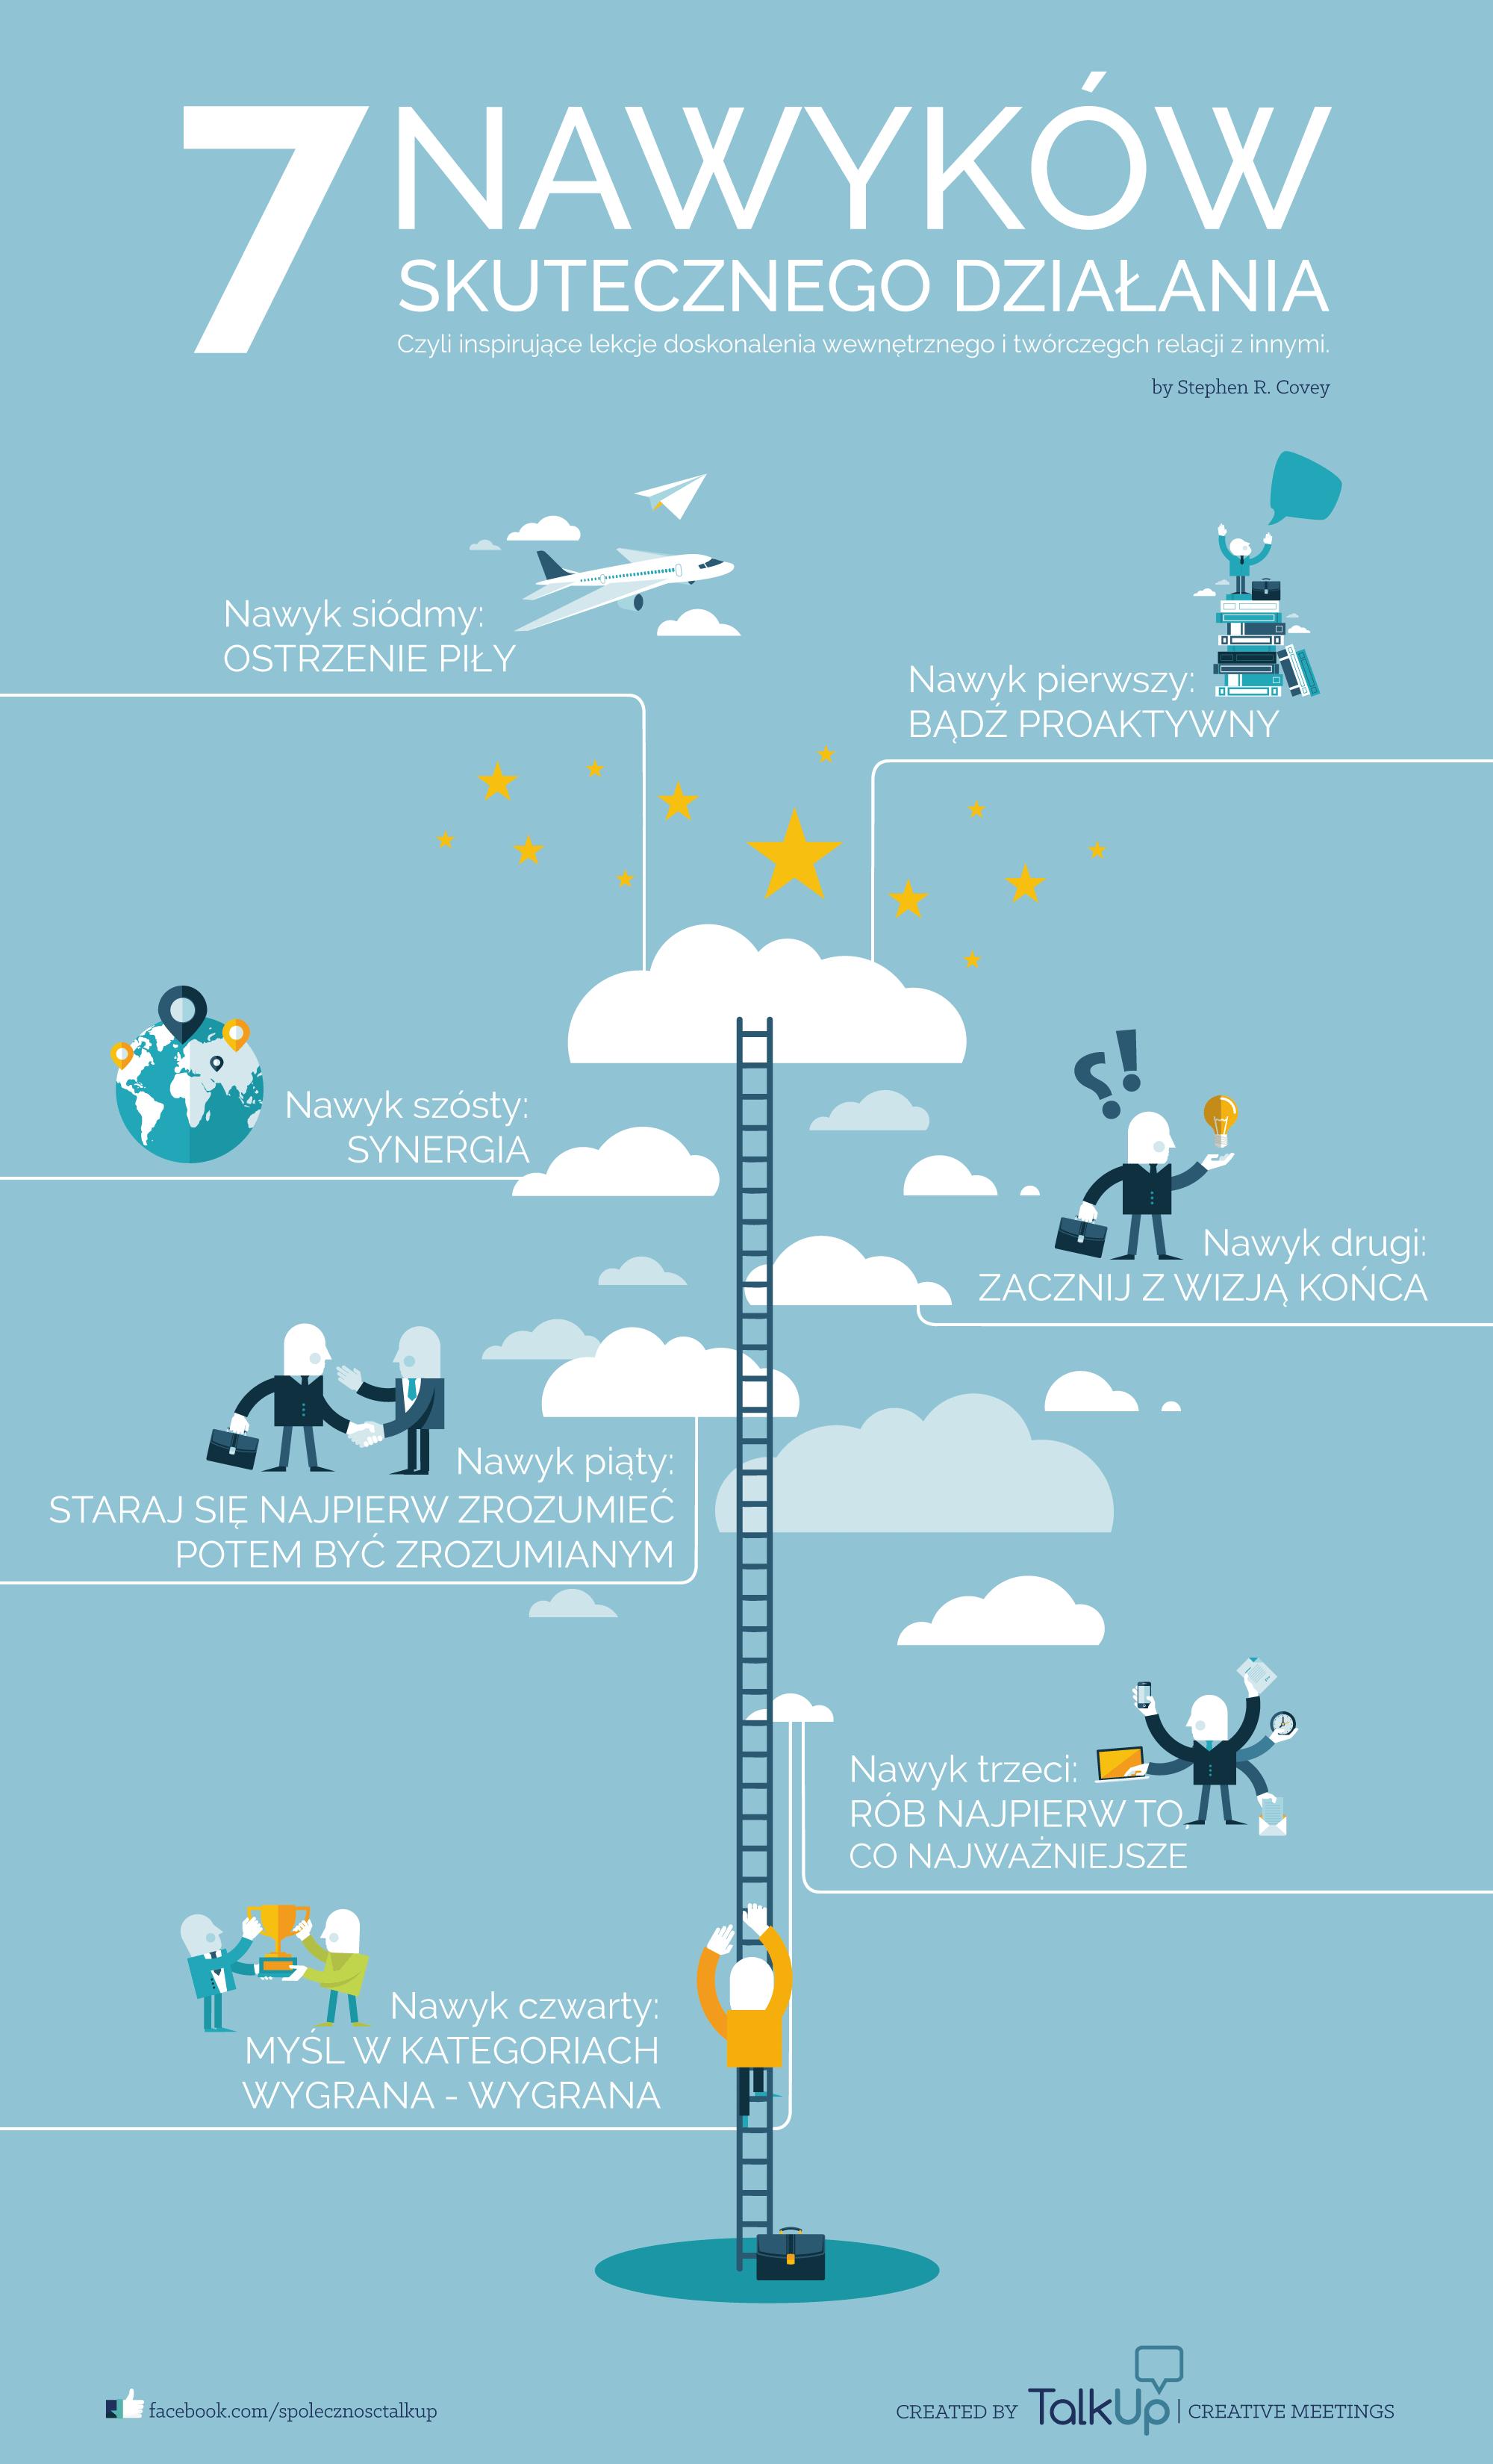 7 nawyków skutecznego działania